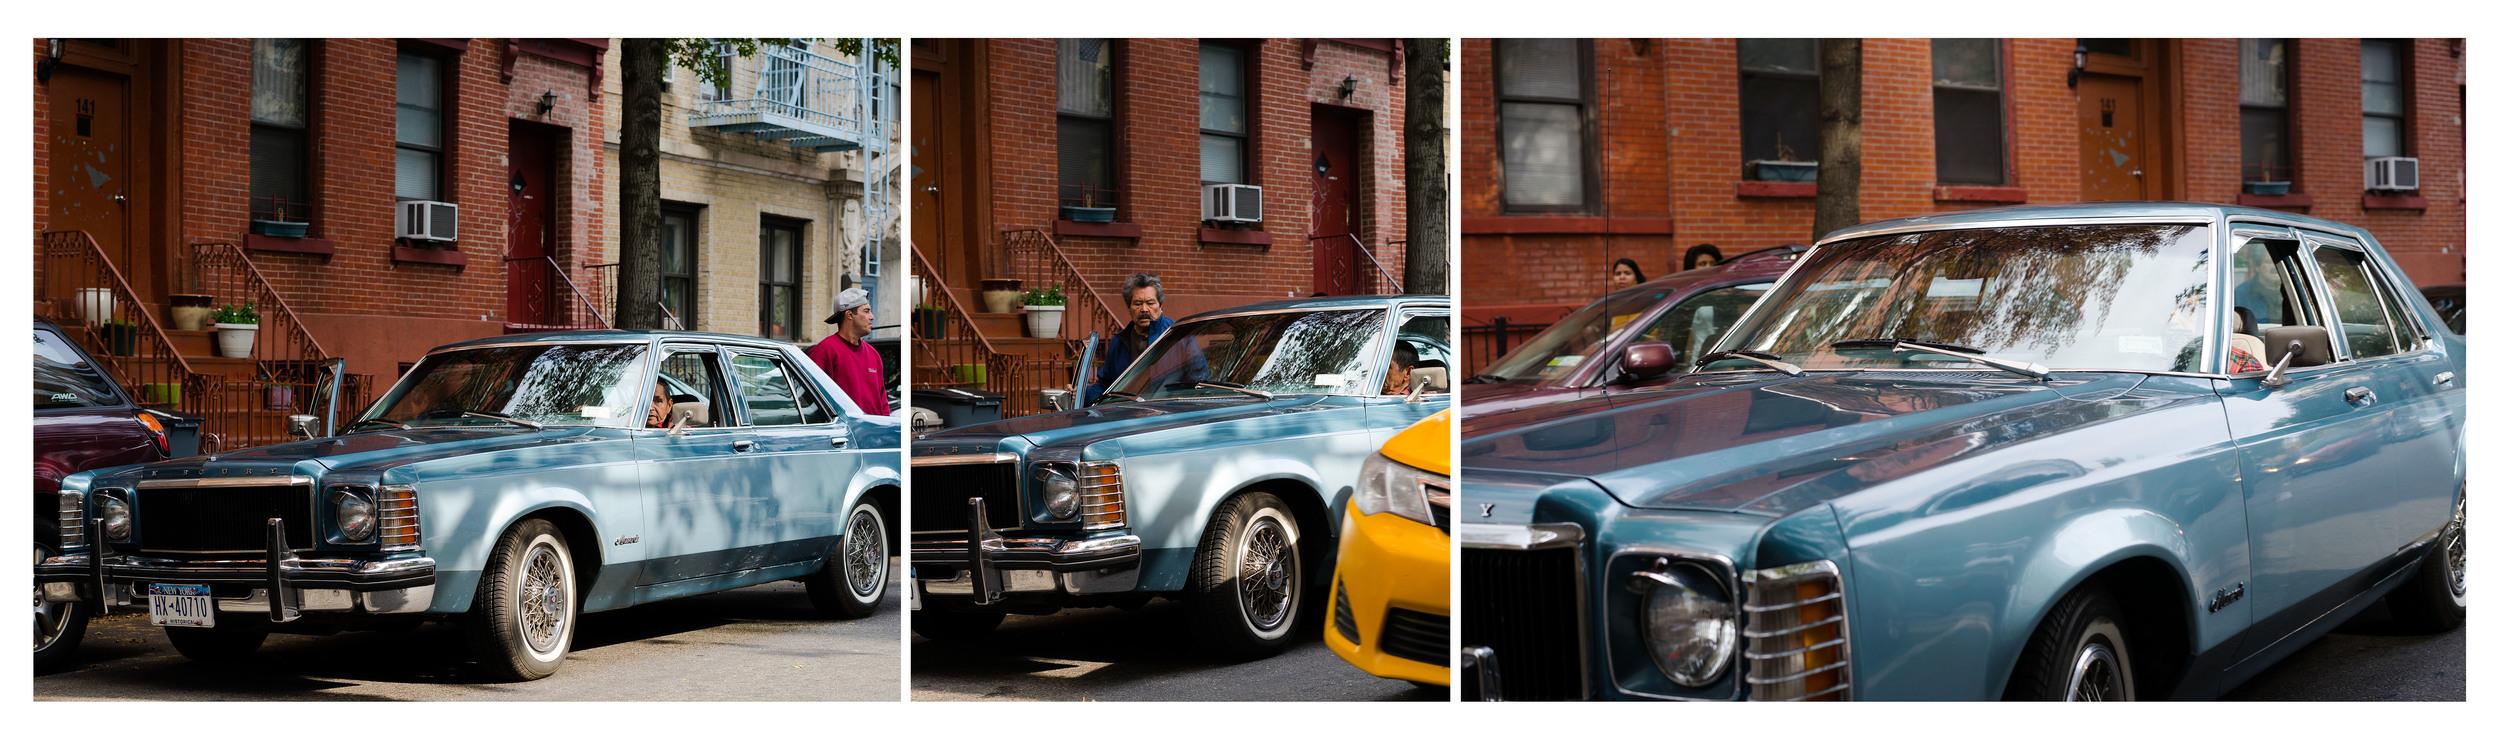 1car triptych.jpg